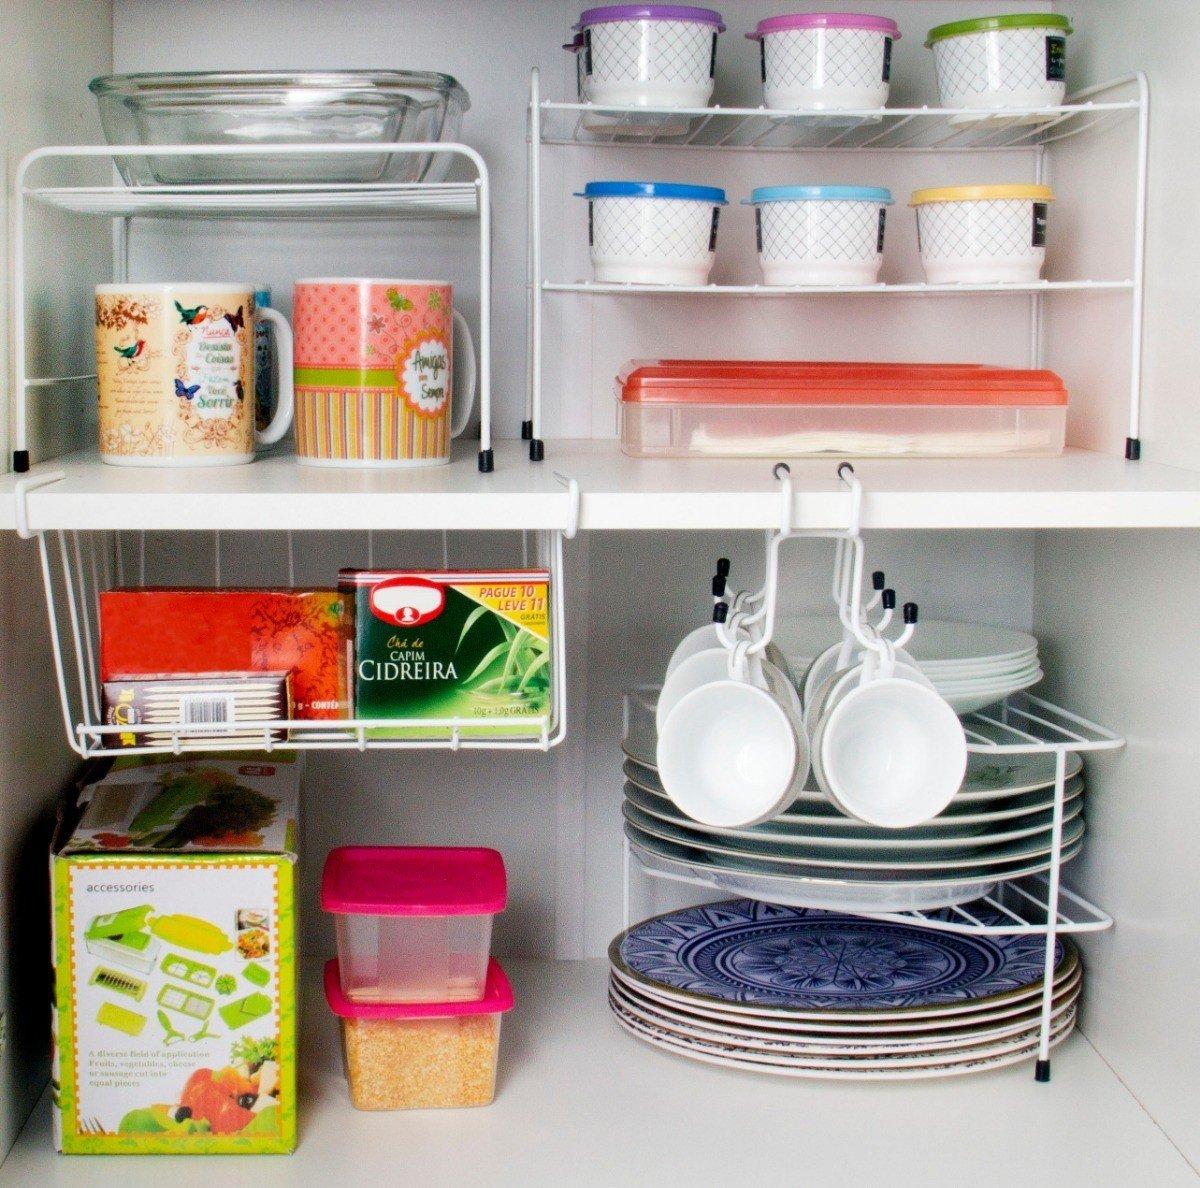 kit organizador parmario cozinha xicara prato mantimento d nq np 804717 mlb29674947801 032019 f